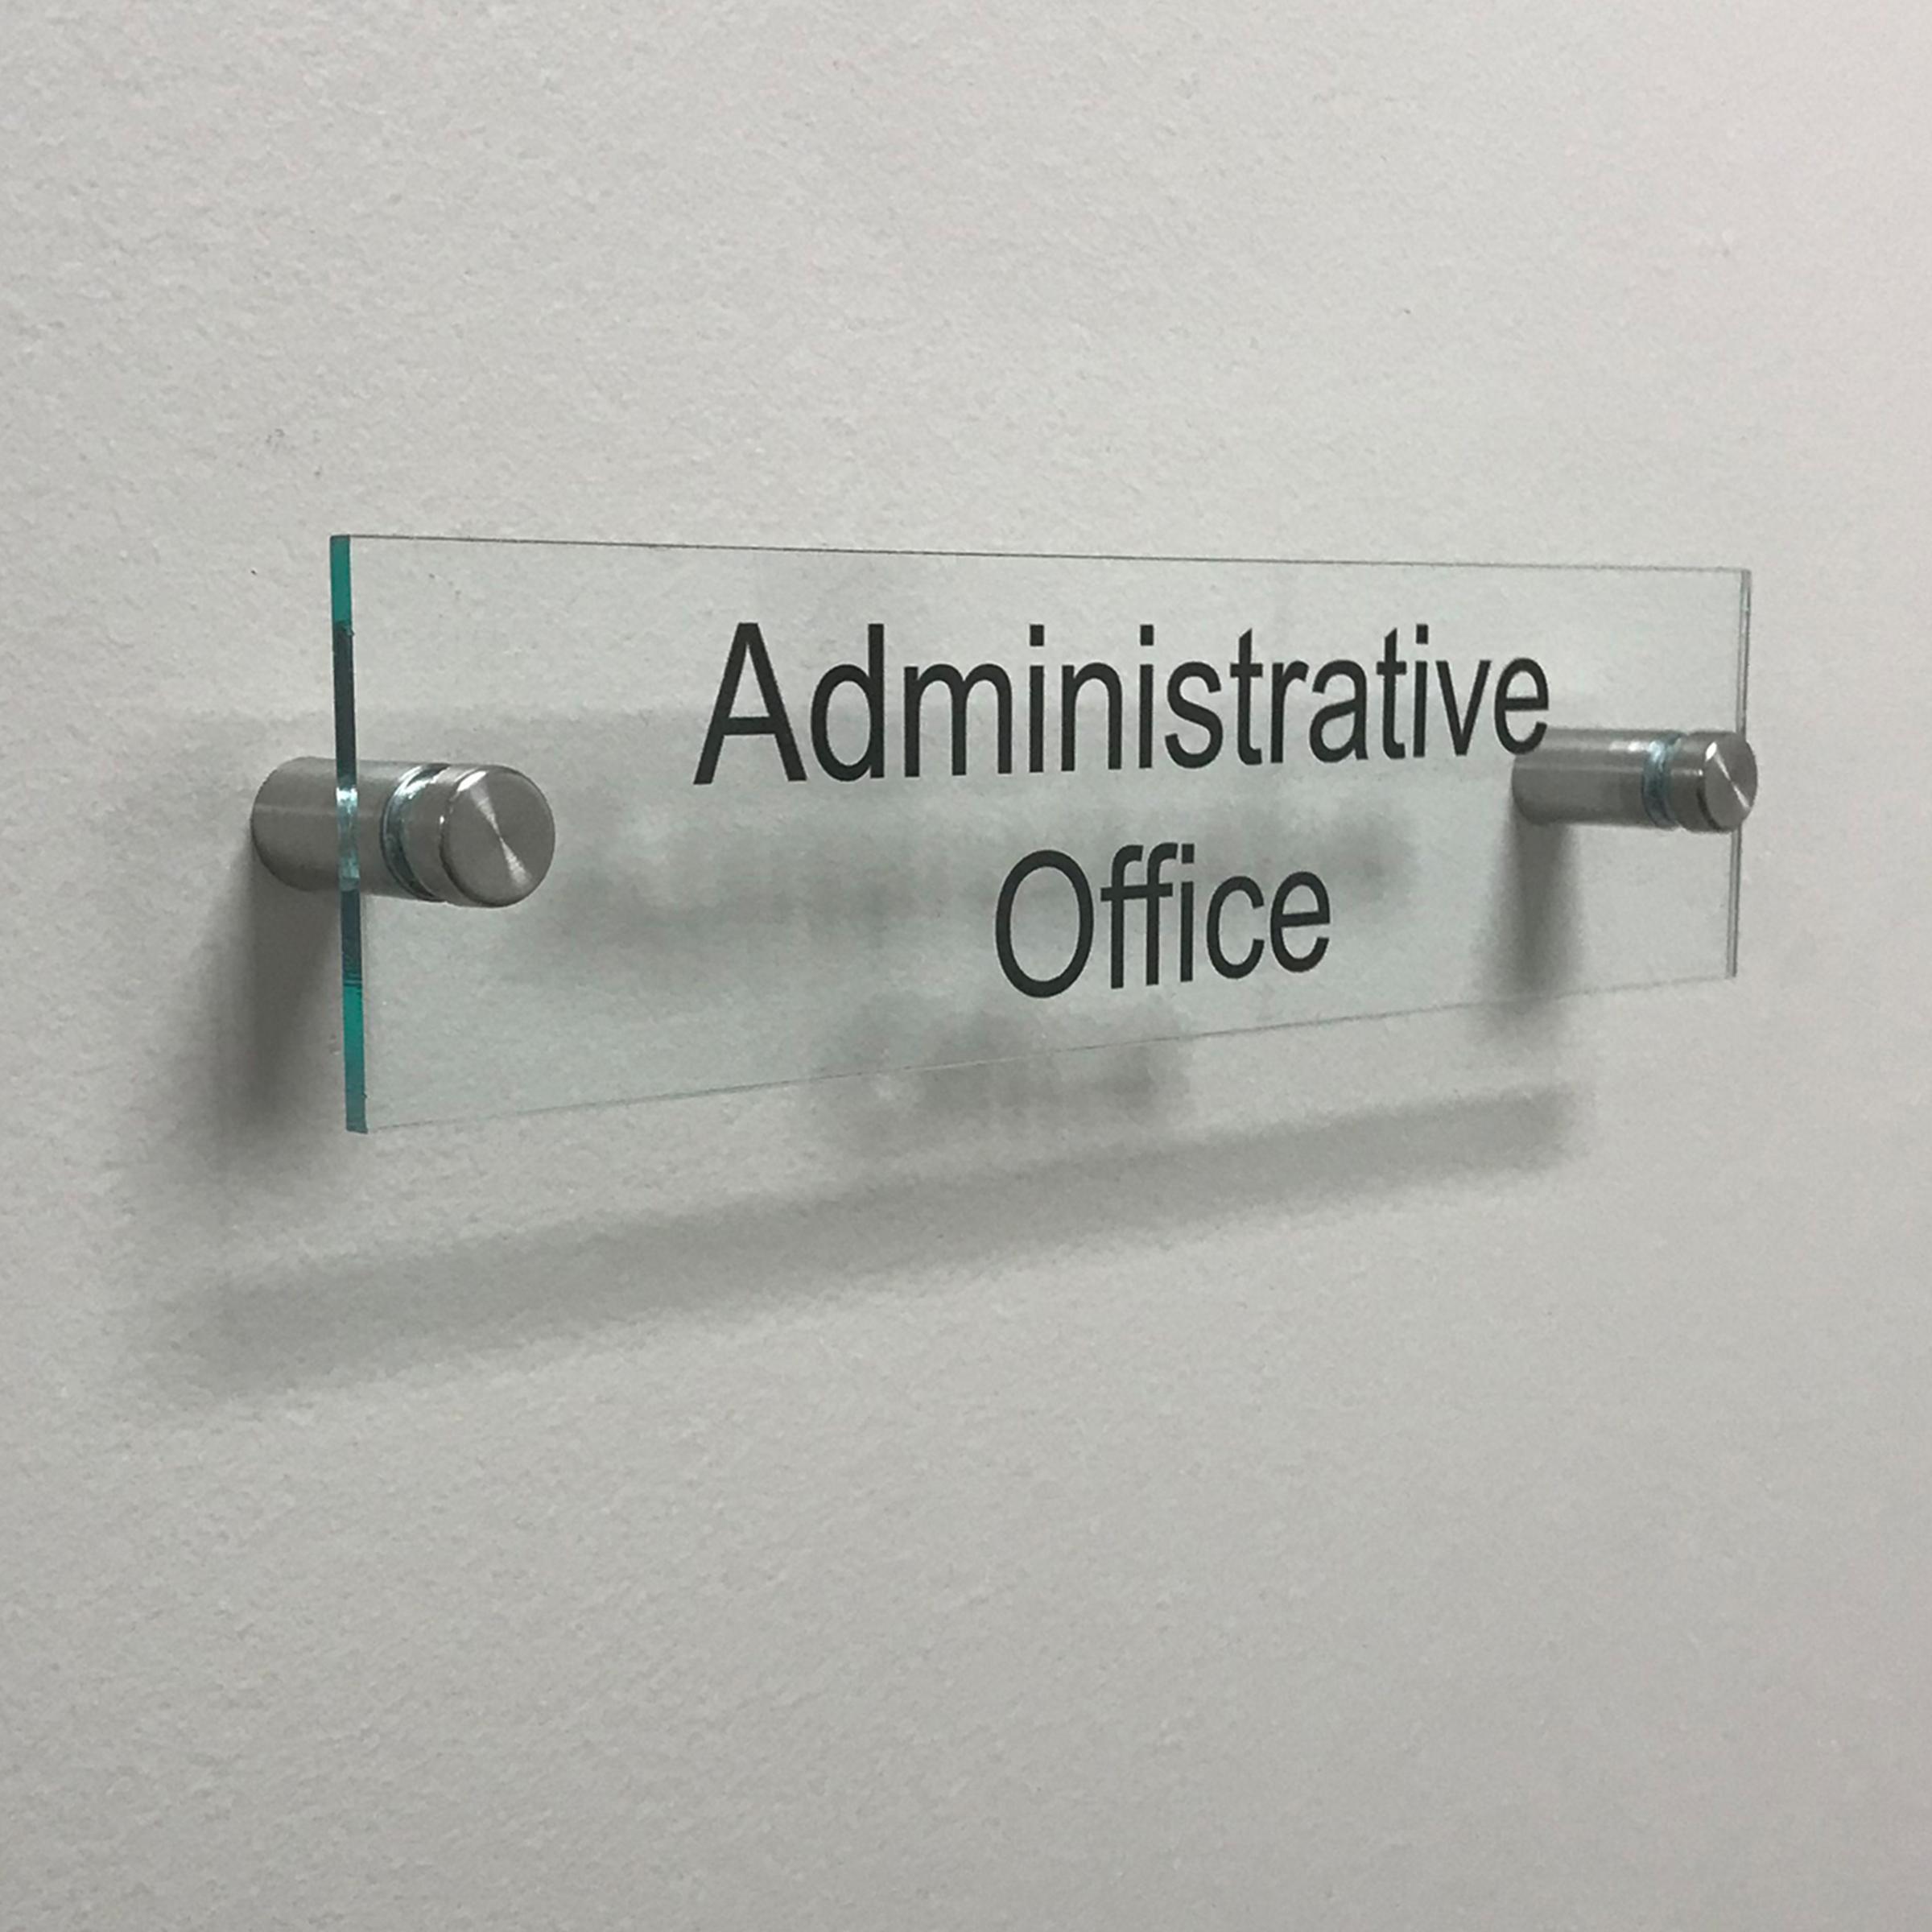 acrylic sign